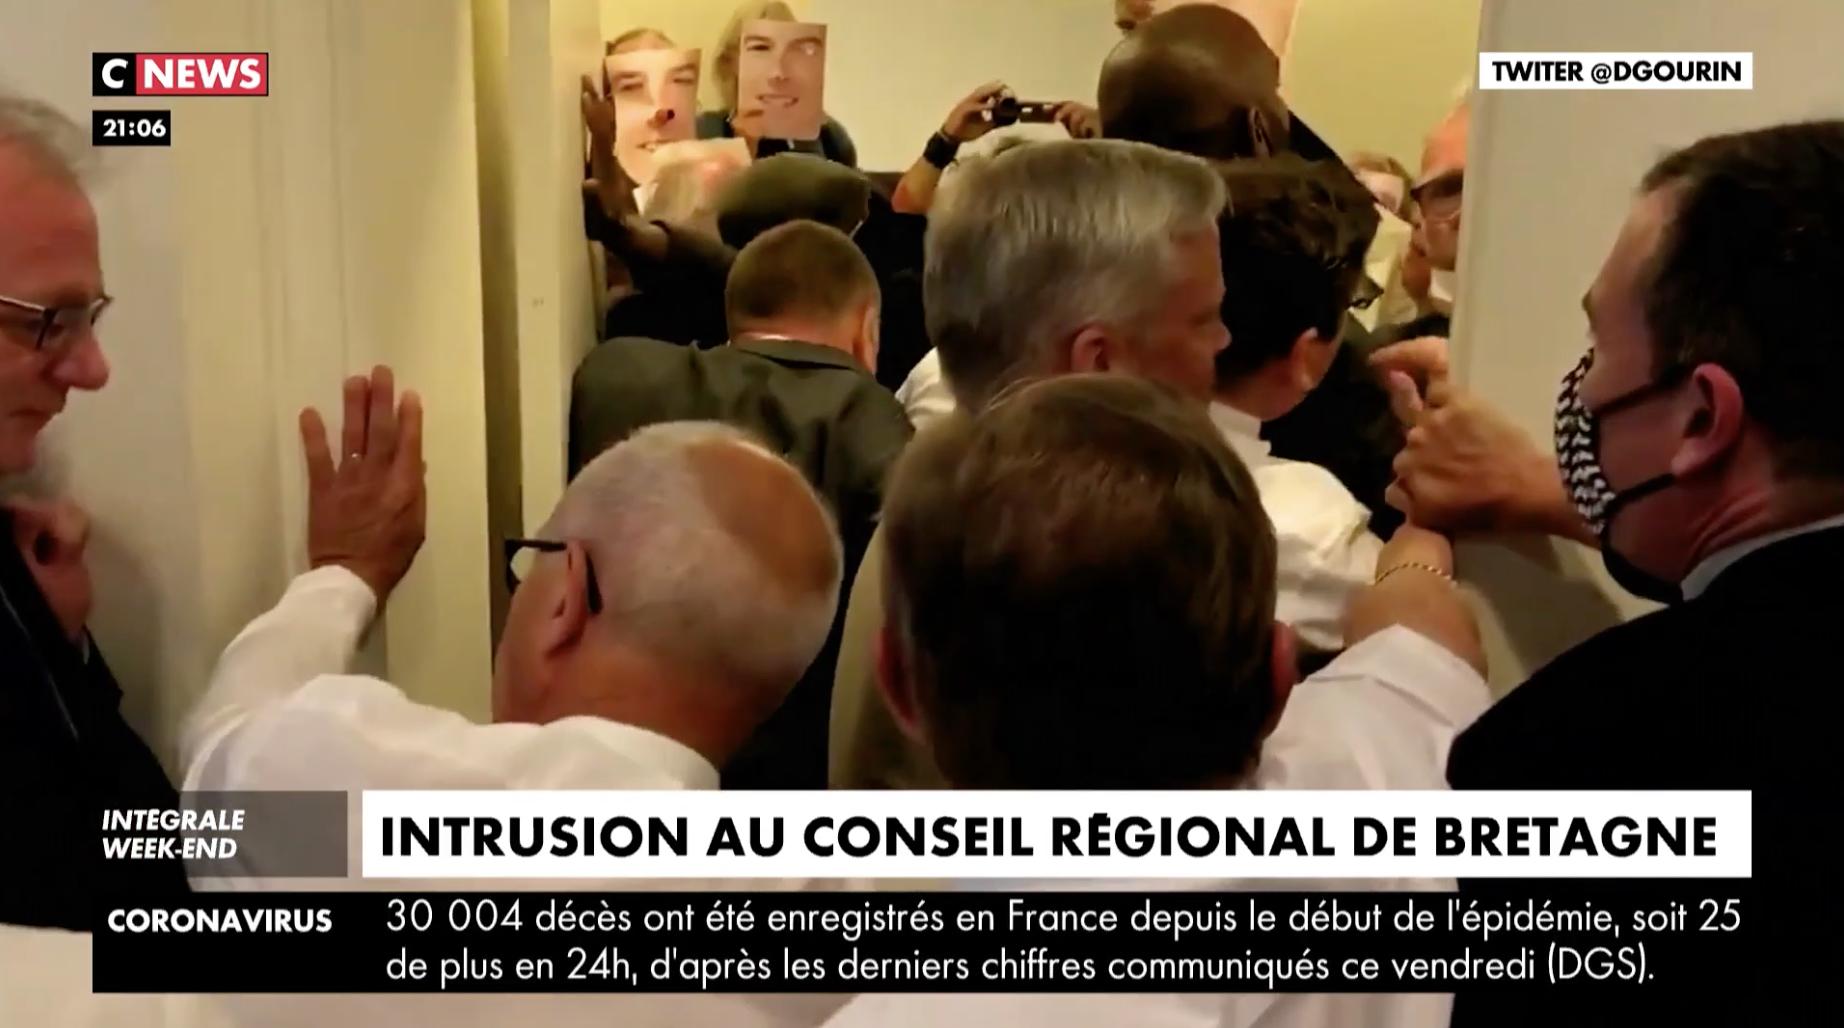 Vidéo : des militants anti-OGM s'introduisent violemment dans l'enceinte du Conseil régional de Bretagne